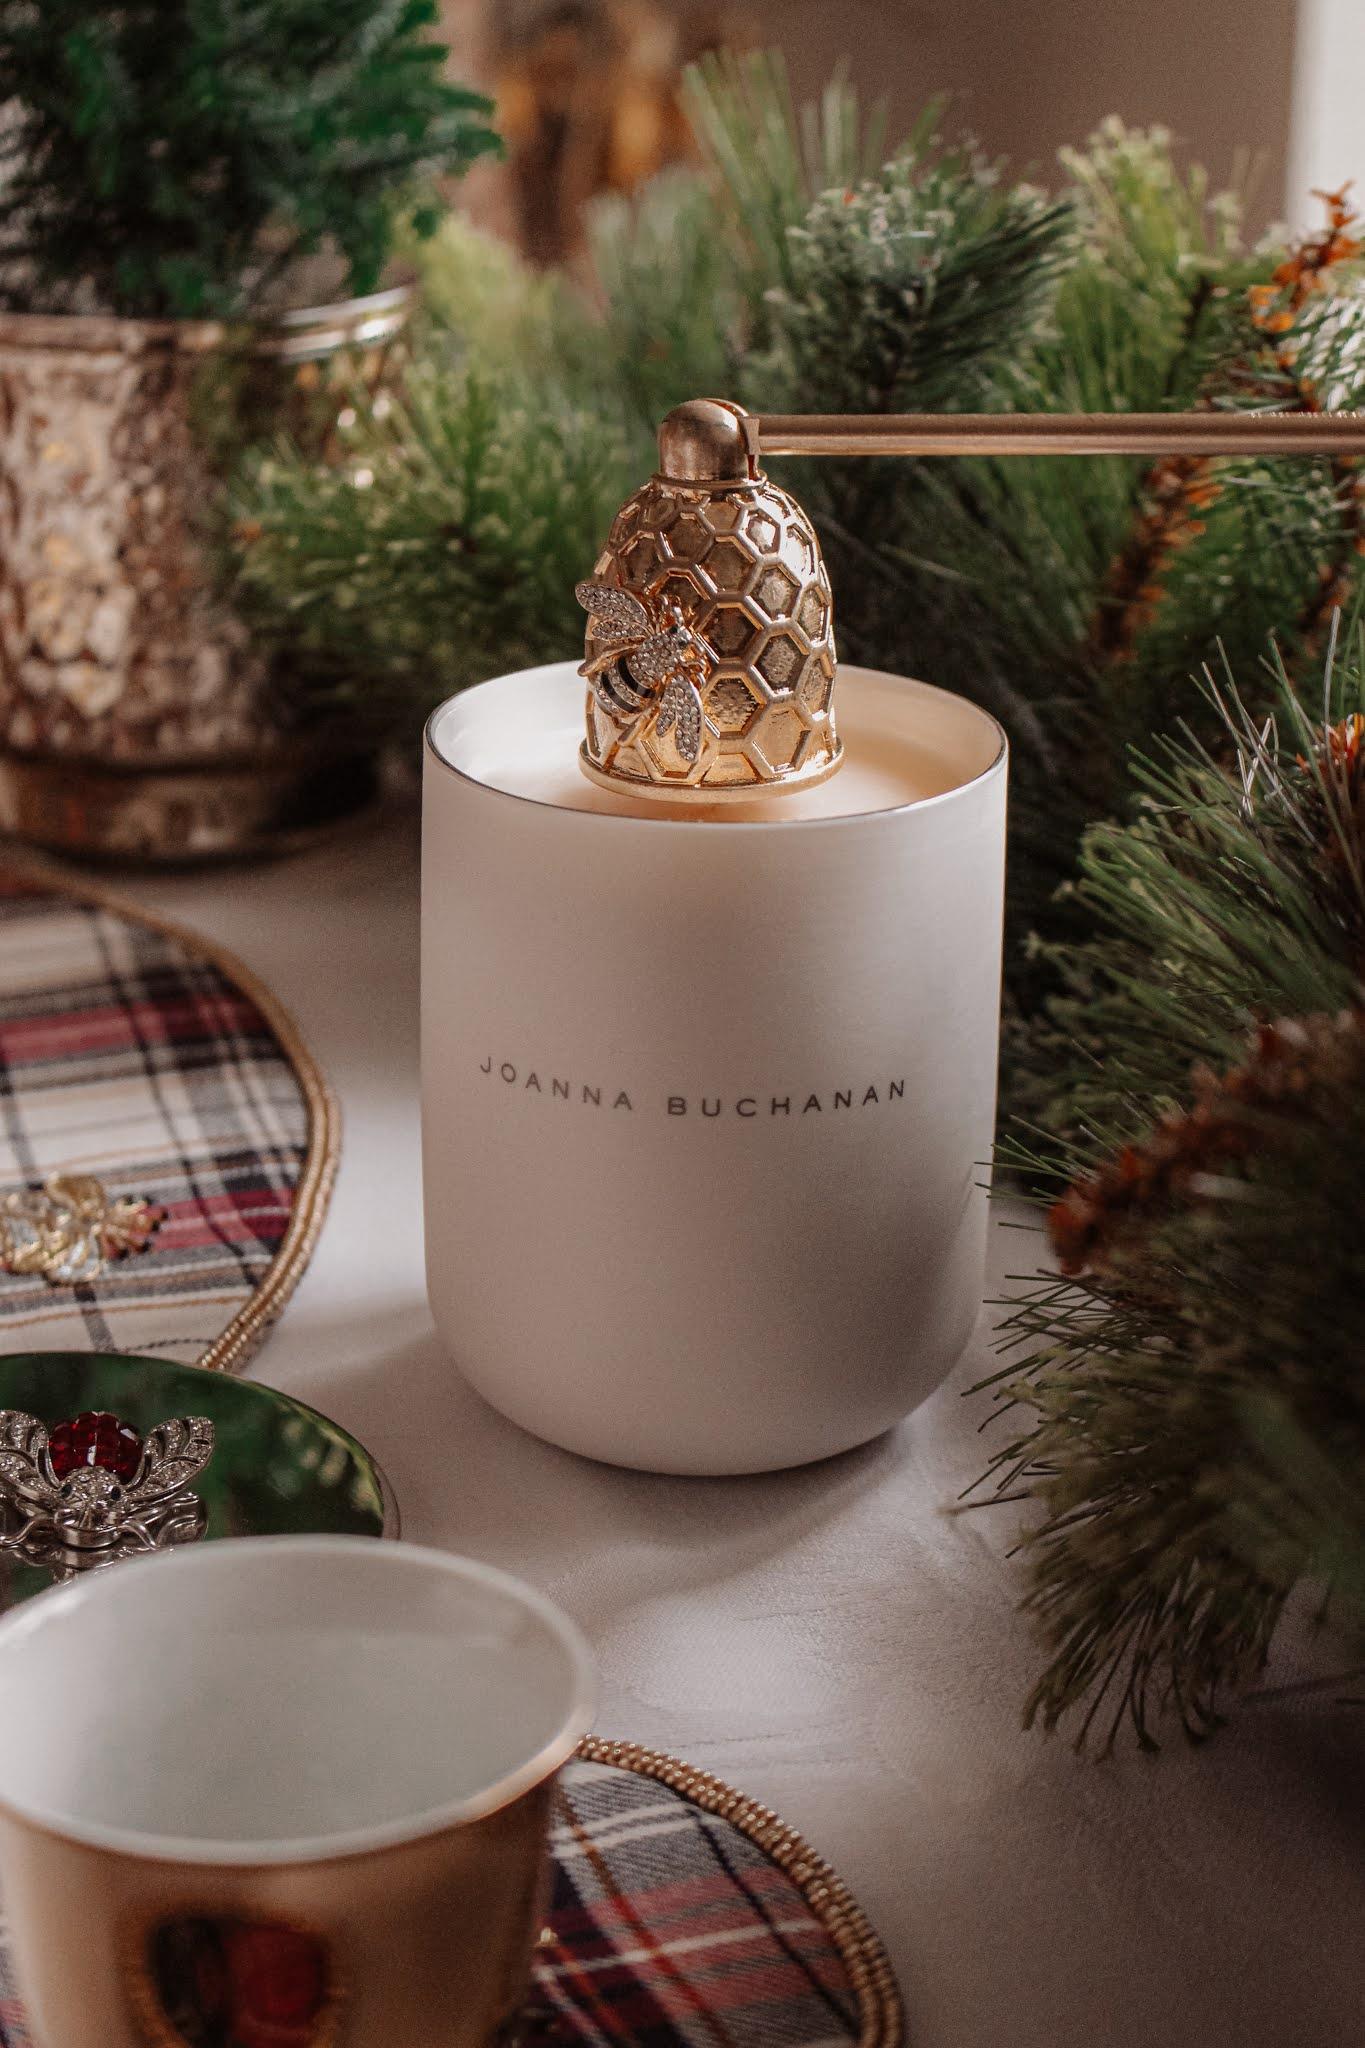 Joanna Buchanan Christmas Candle